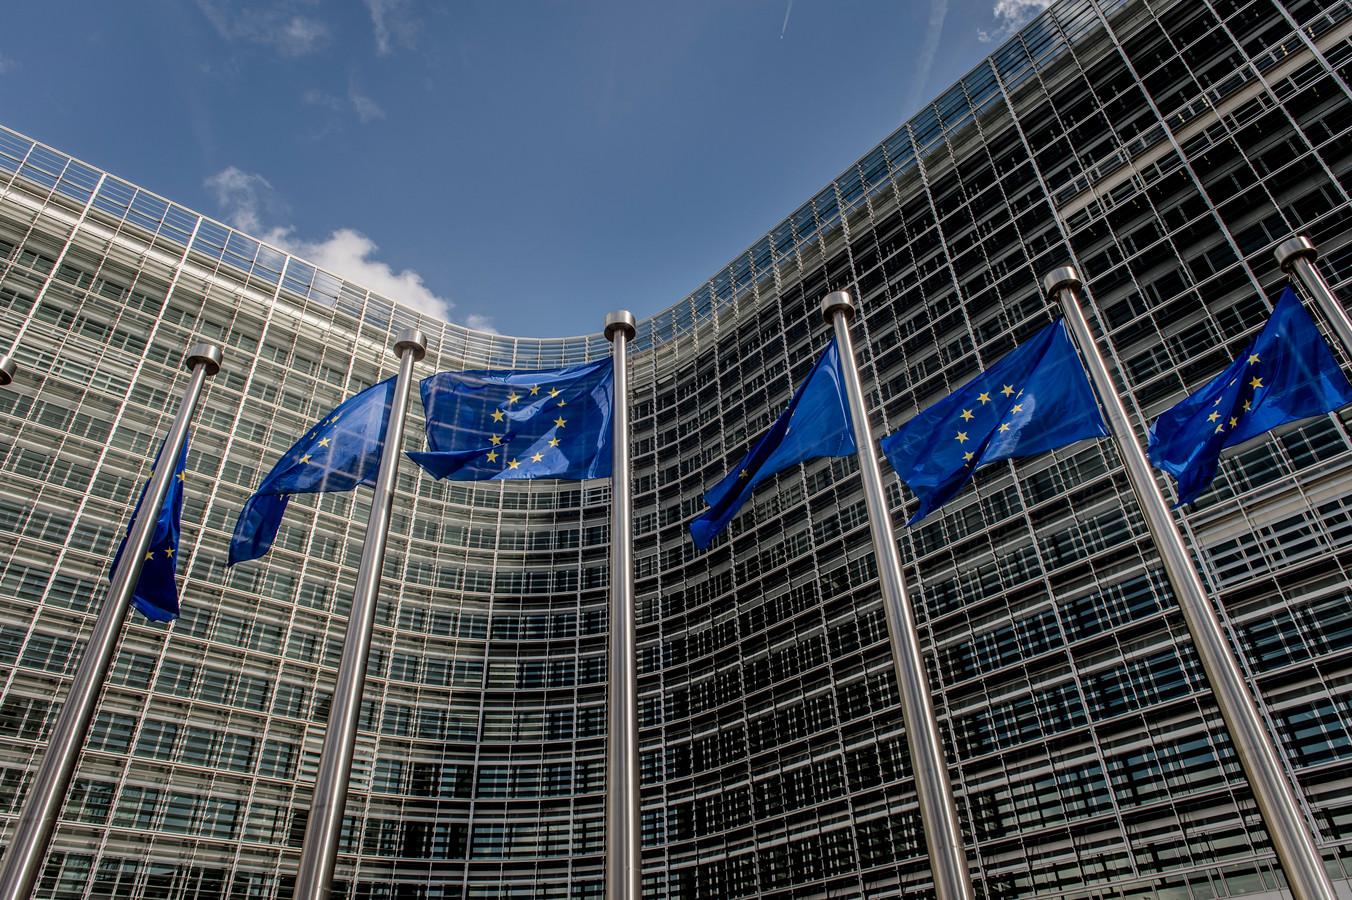 Europese vlaggen voor het hoofdkantoor van de Europese Commissie  in Brussel.